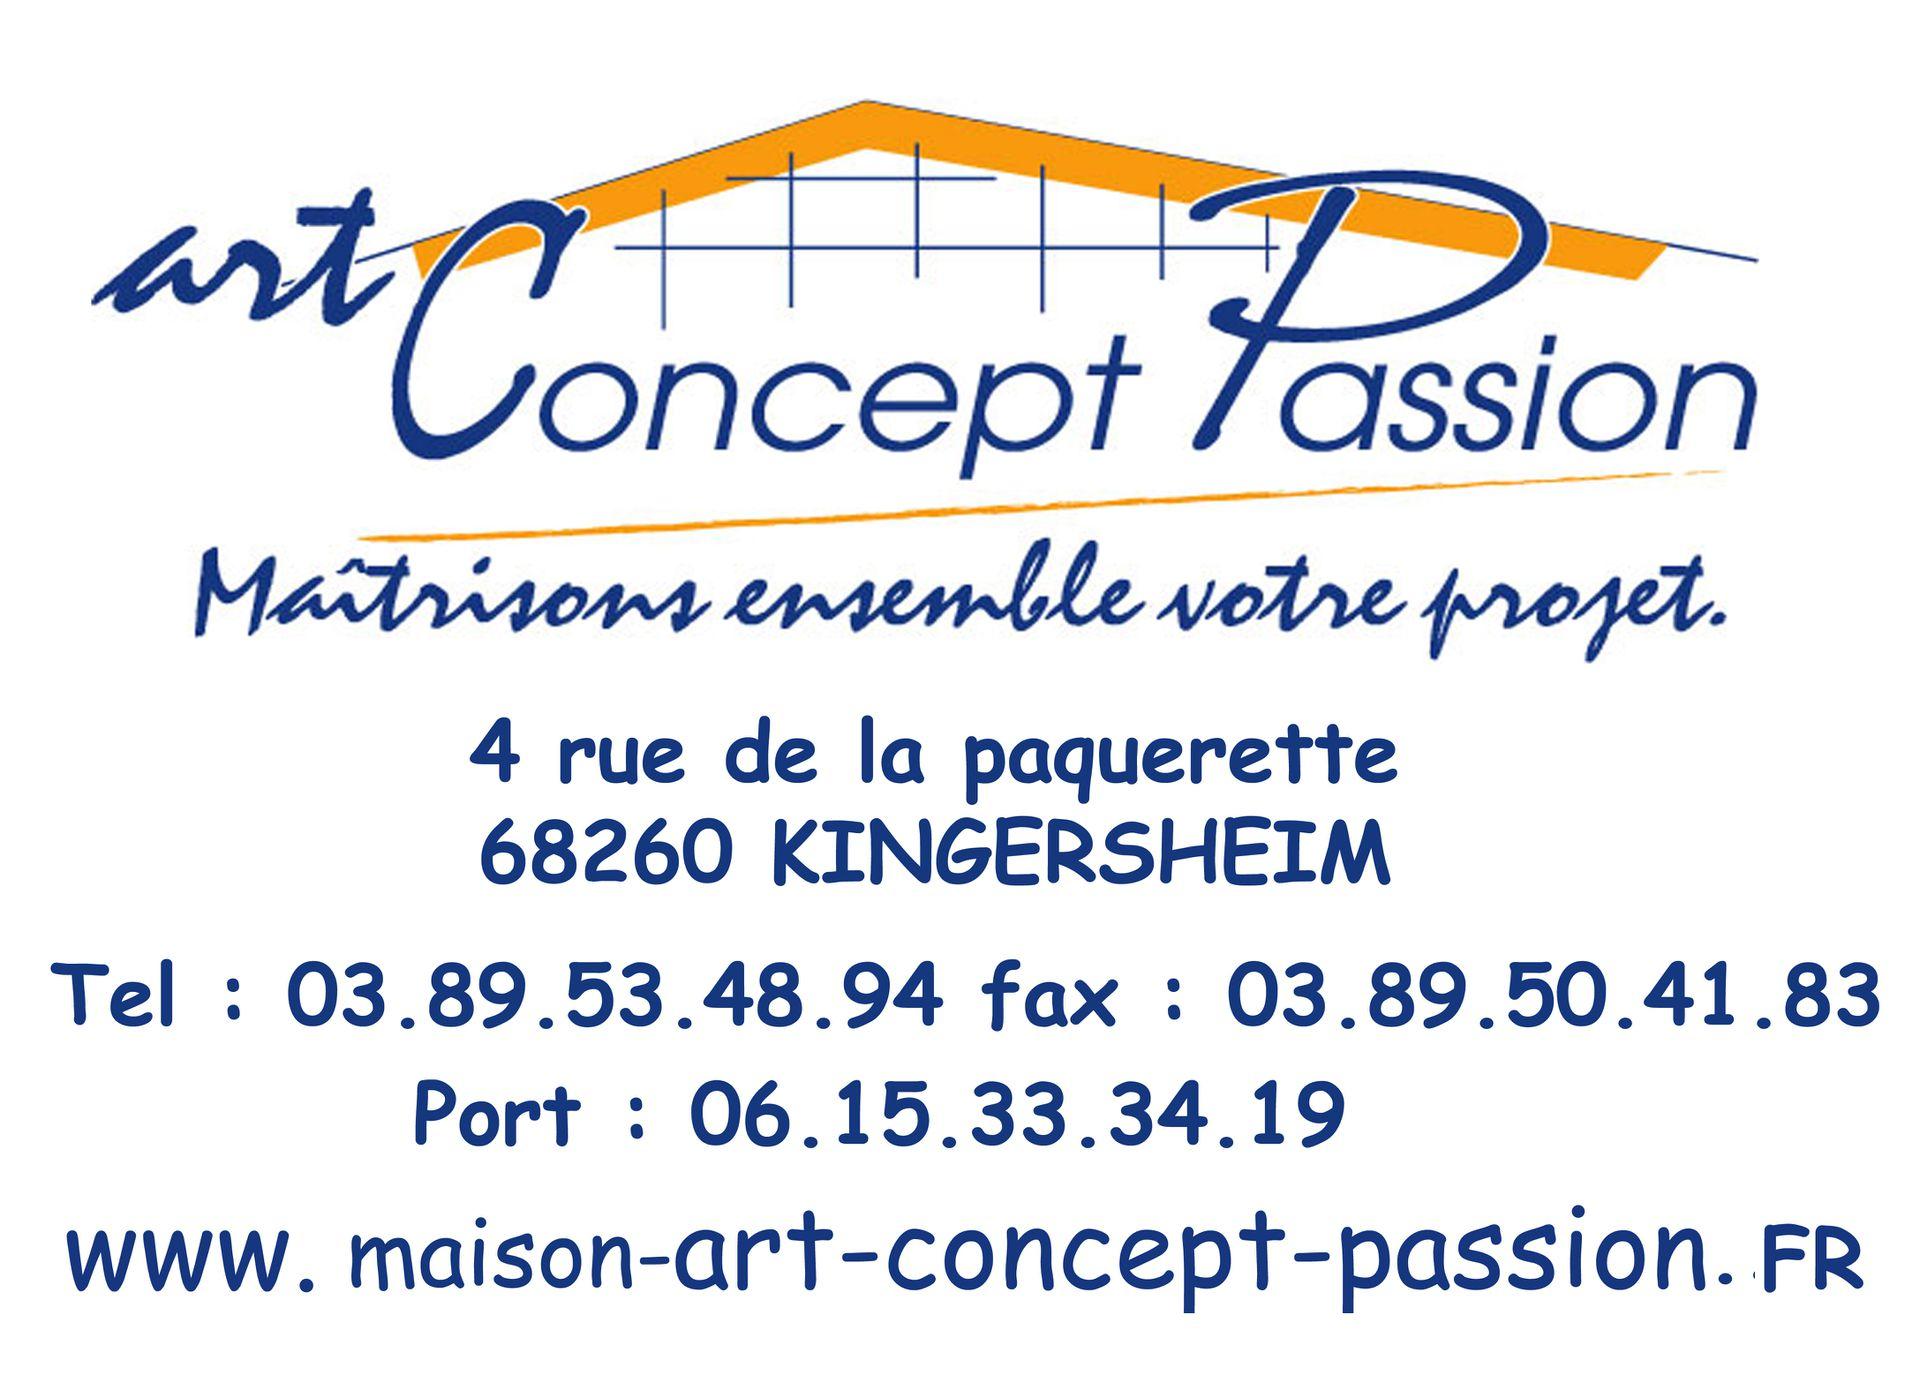 Art Et Maison Longuenesse constructeur de maisons individuelles: adresse, telephone